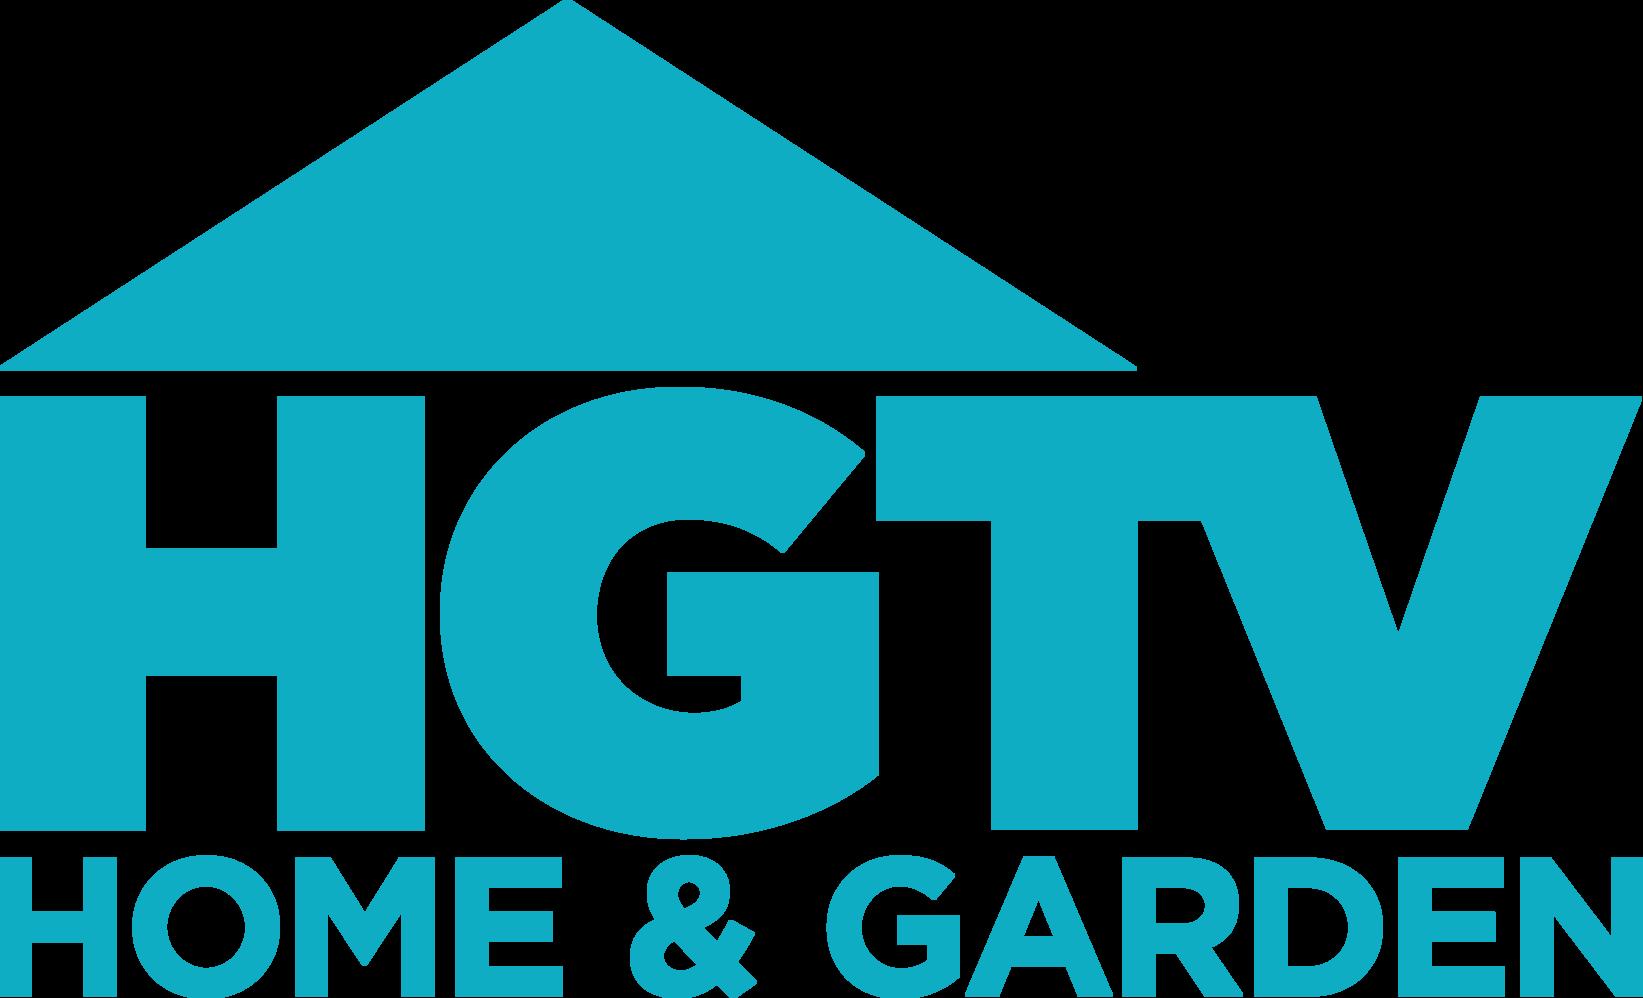 HGTV logo 1